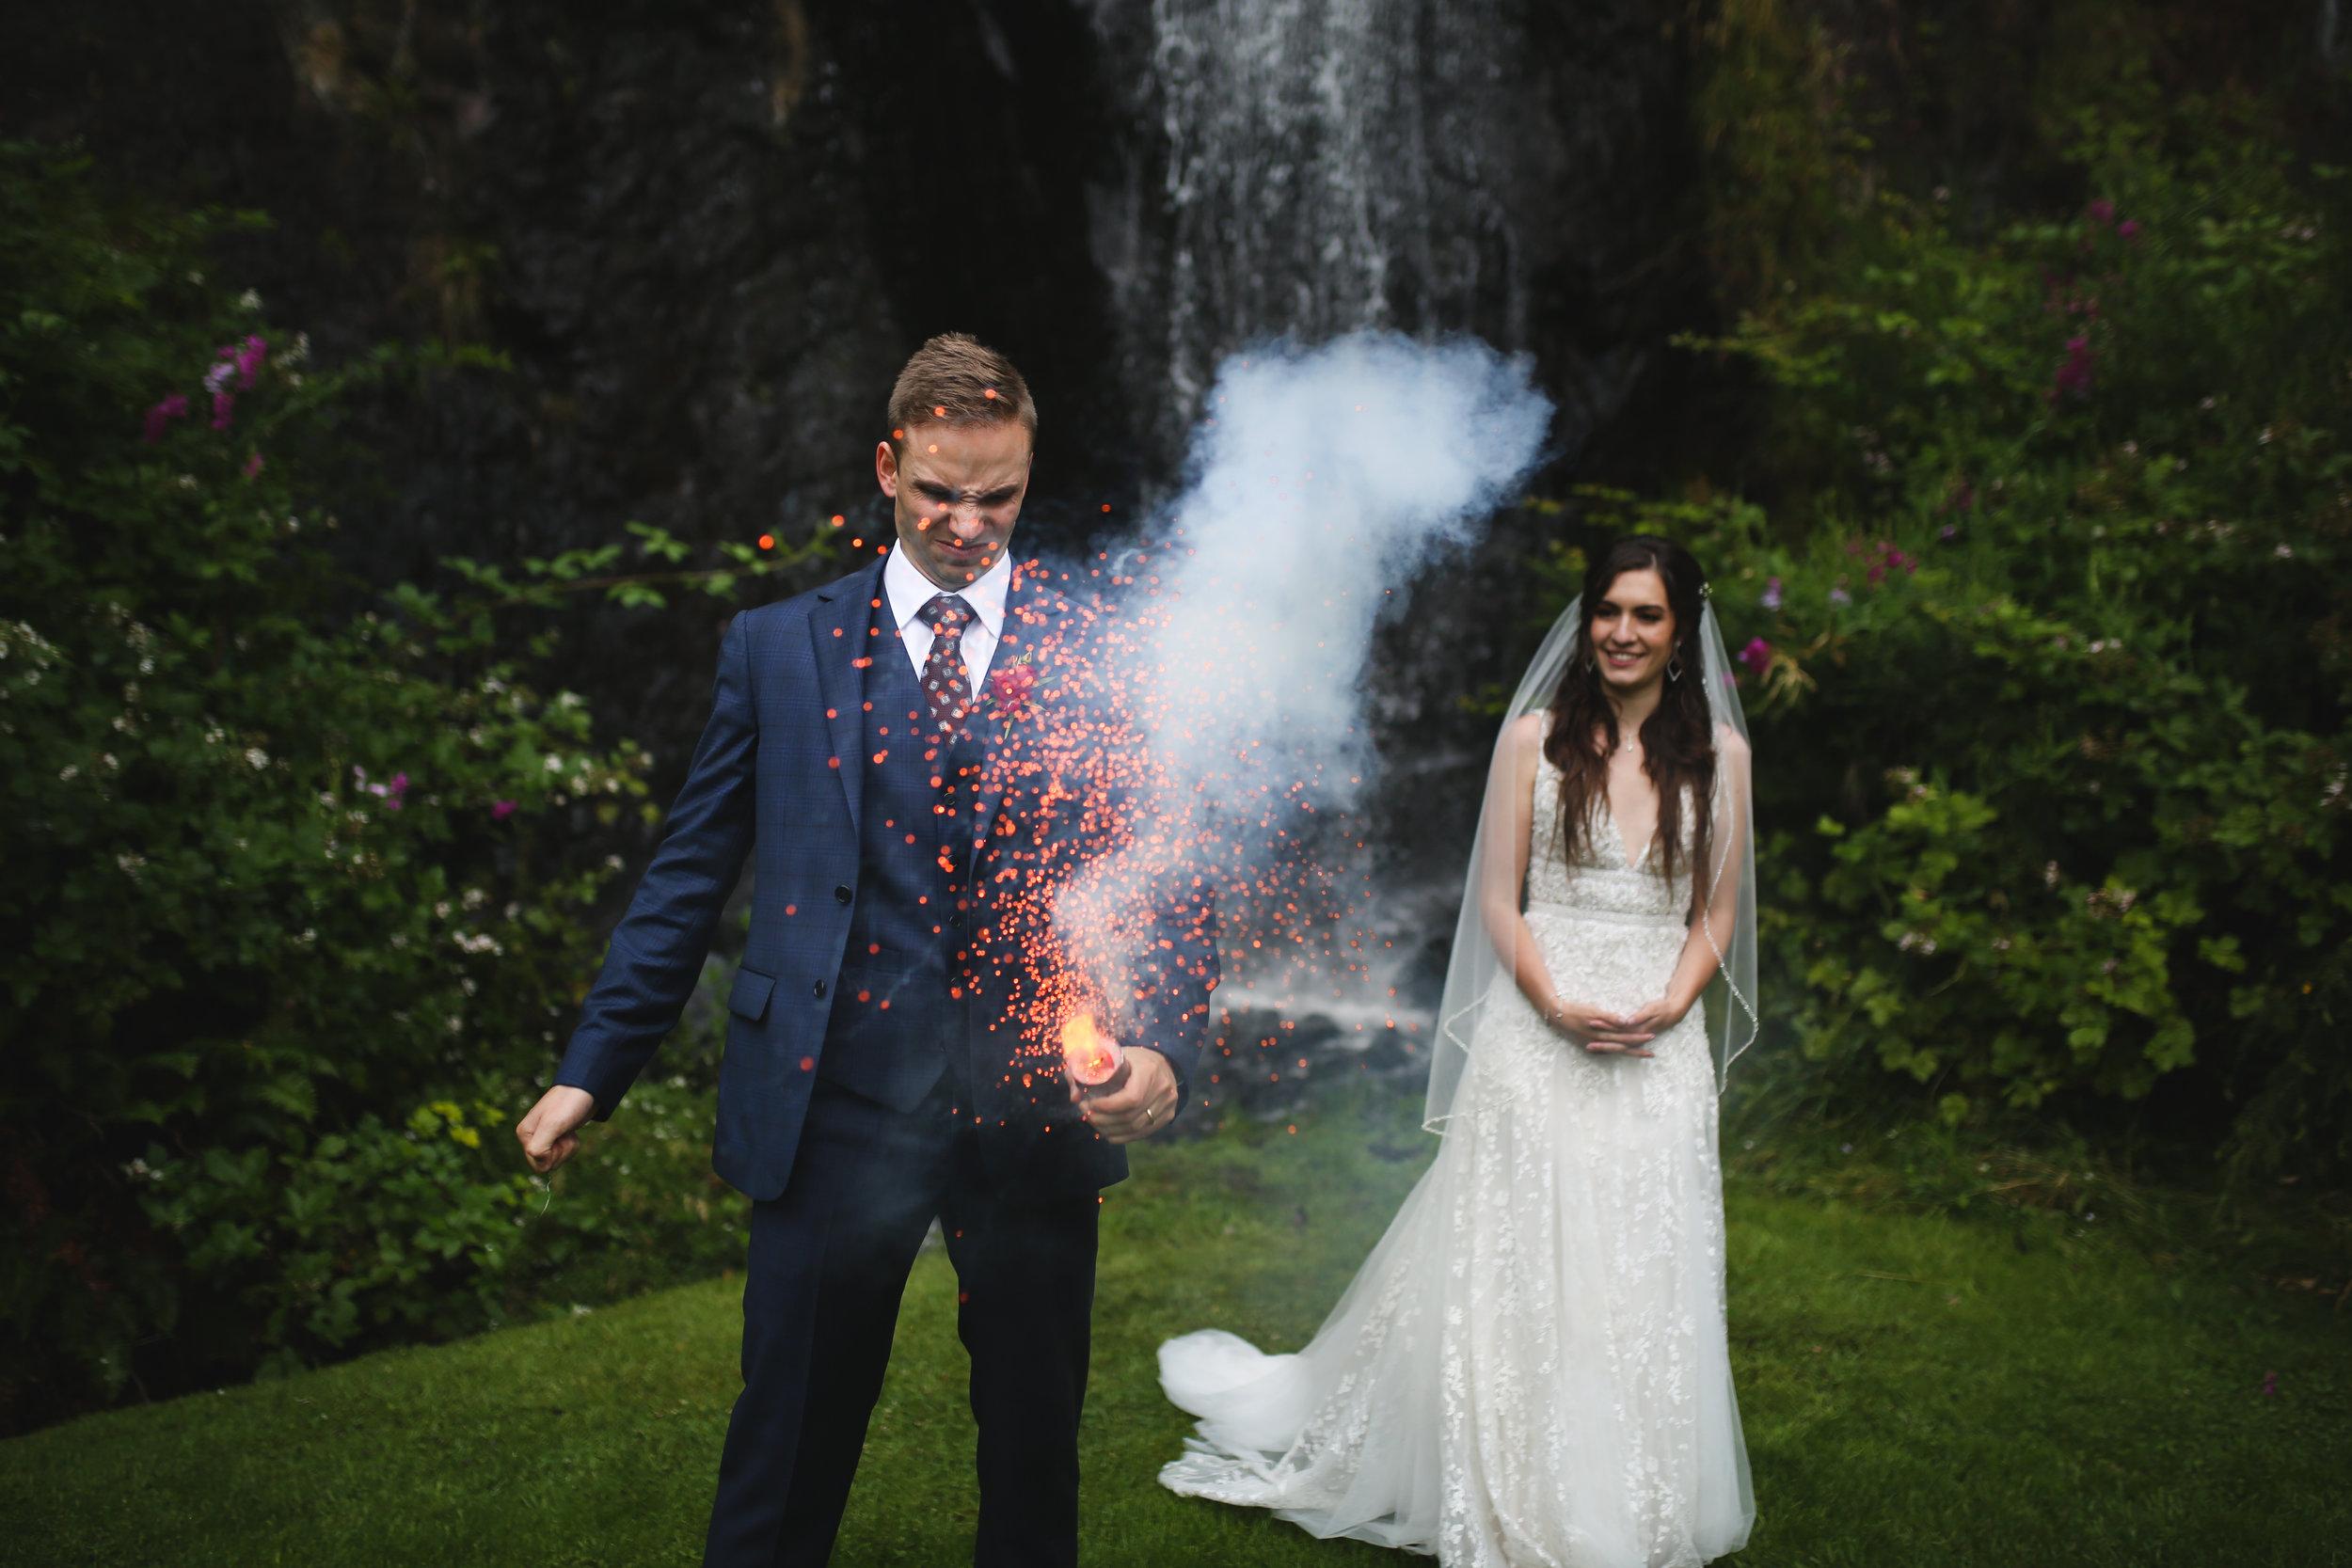 42 Adam Ziorio Photography - Allison & Austin's Wedding.jpg